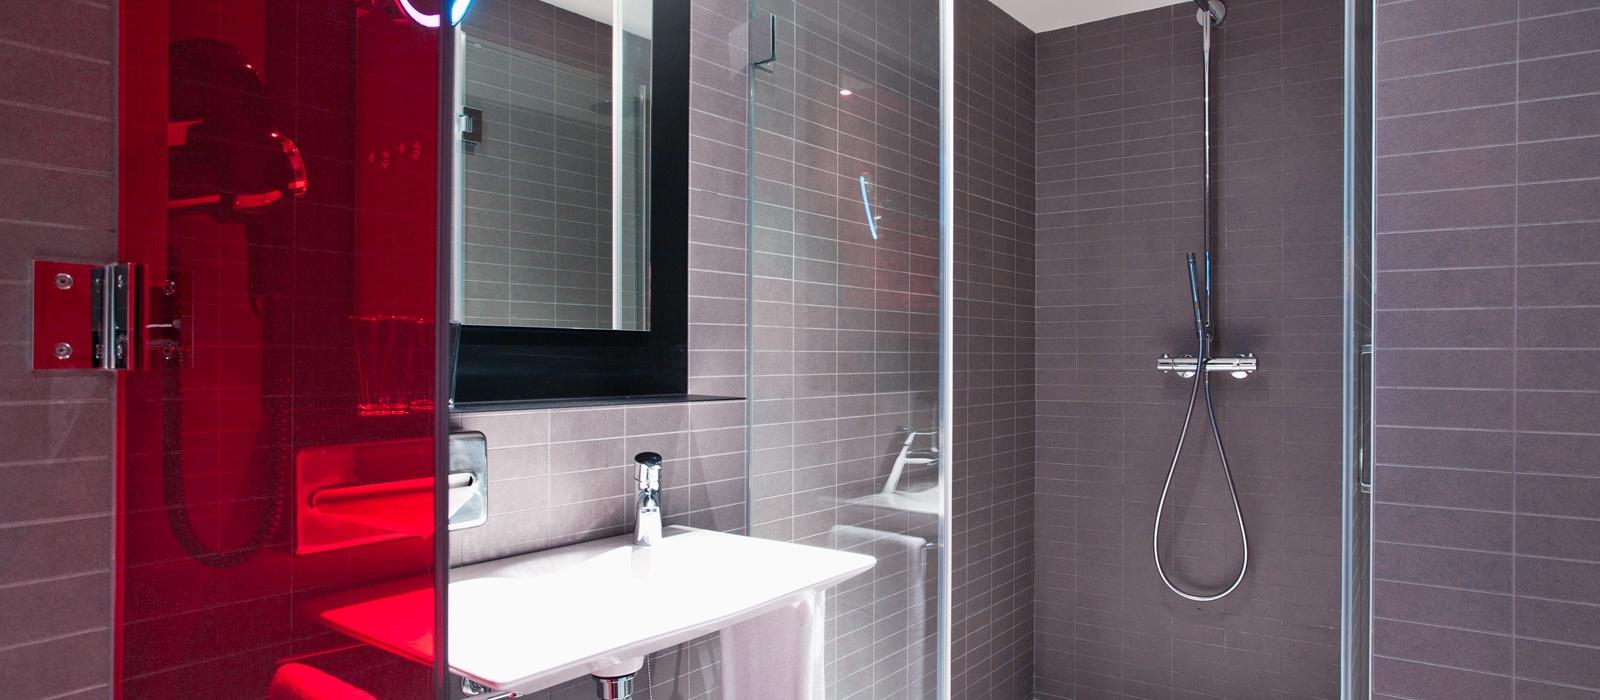 Chambres Hôtel Barcelone Bit - Vincci Hoteles